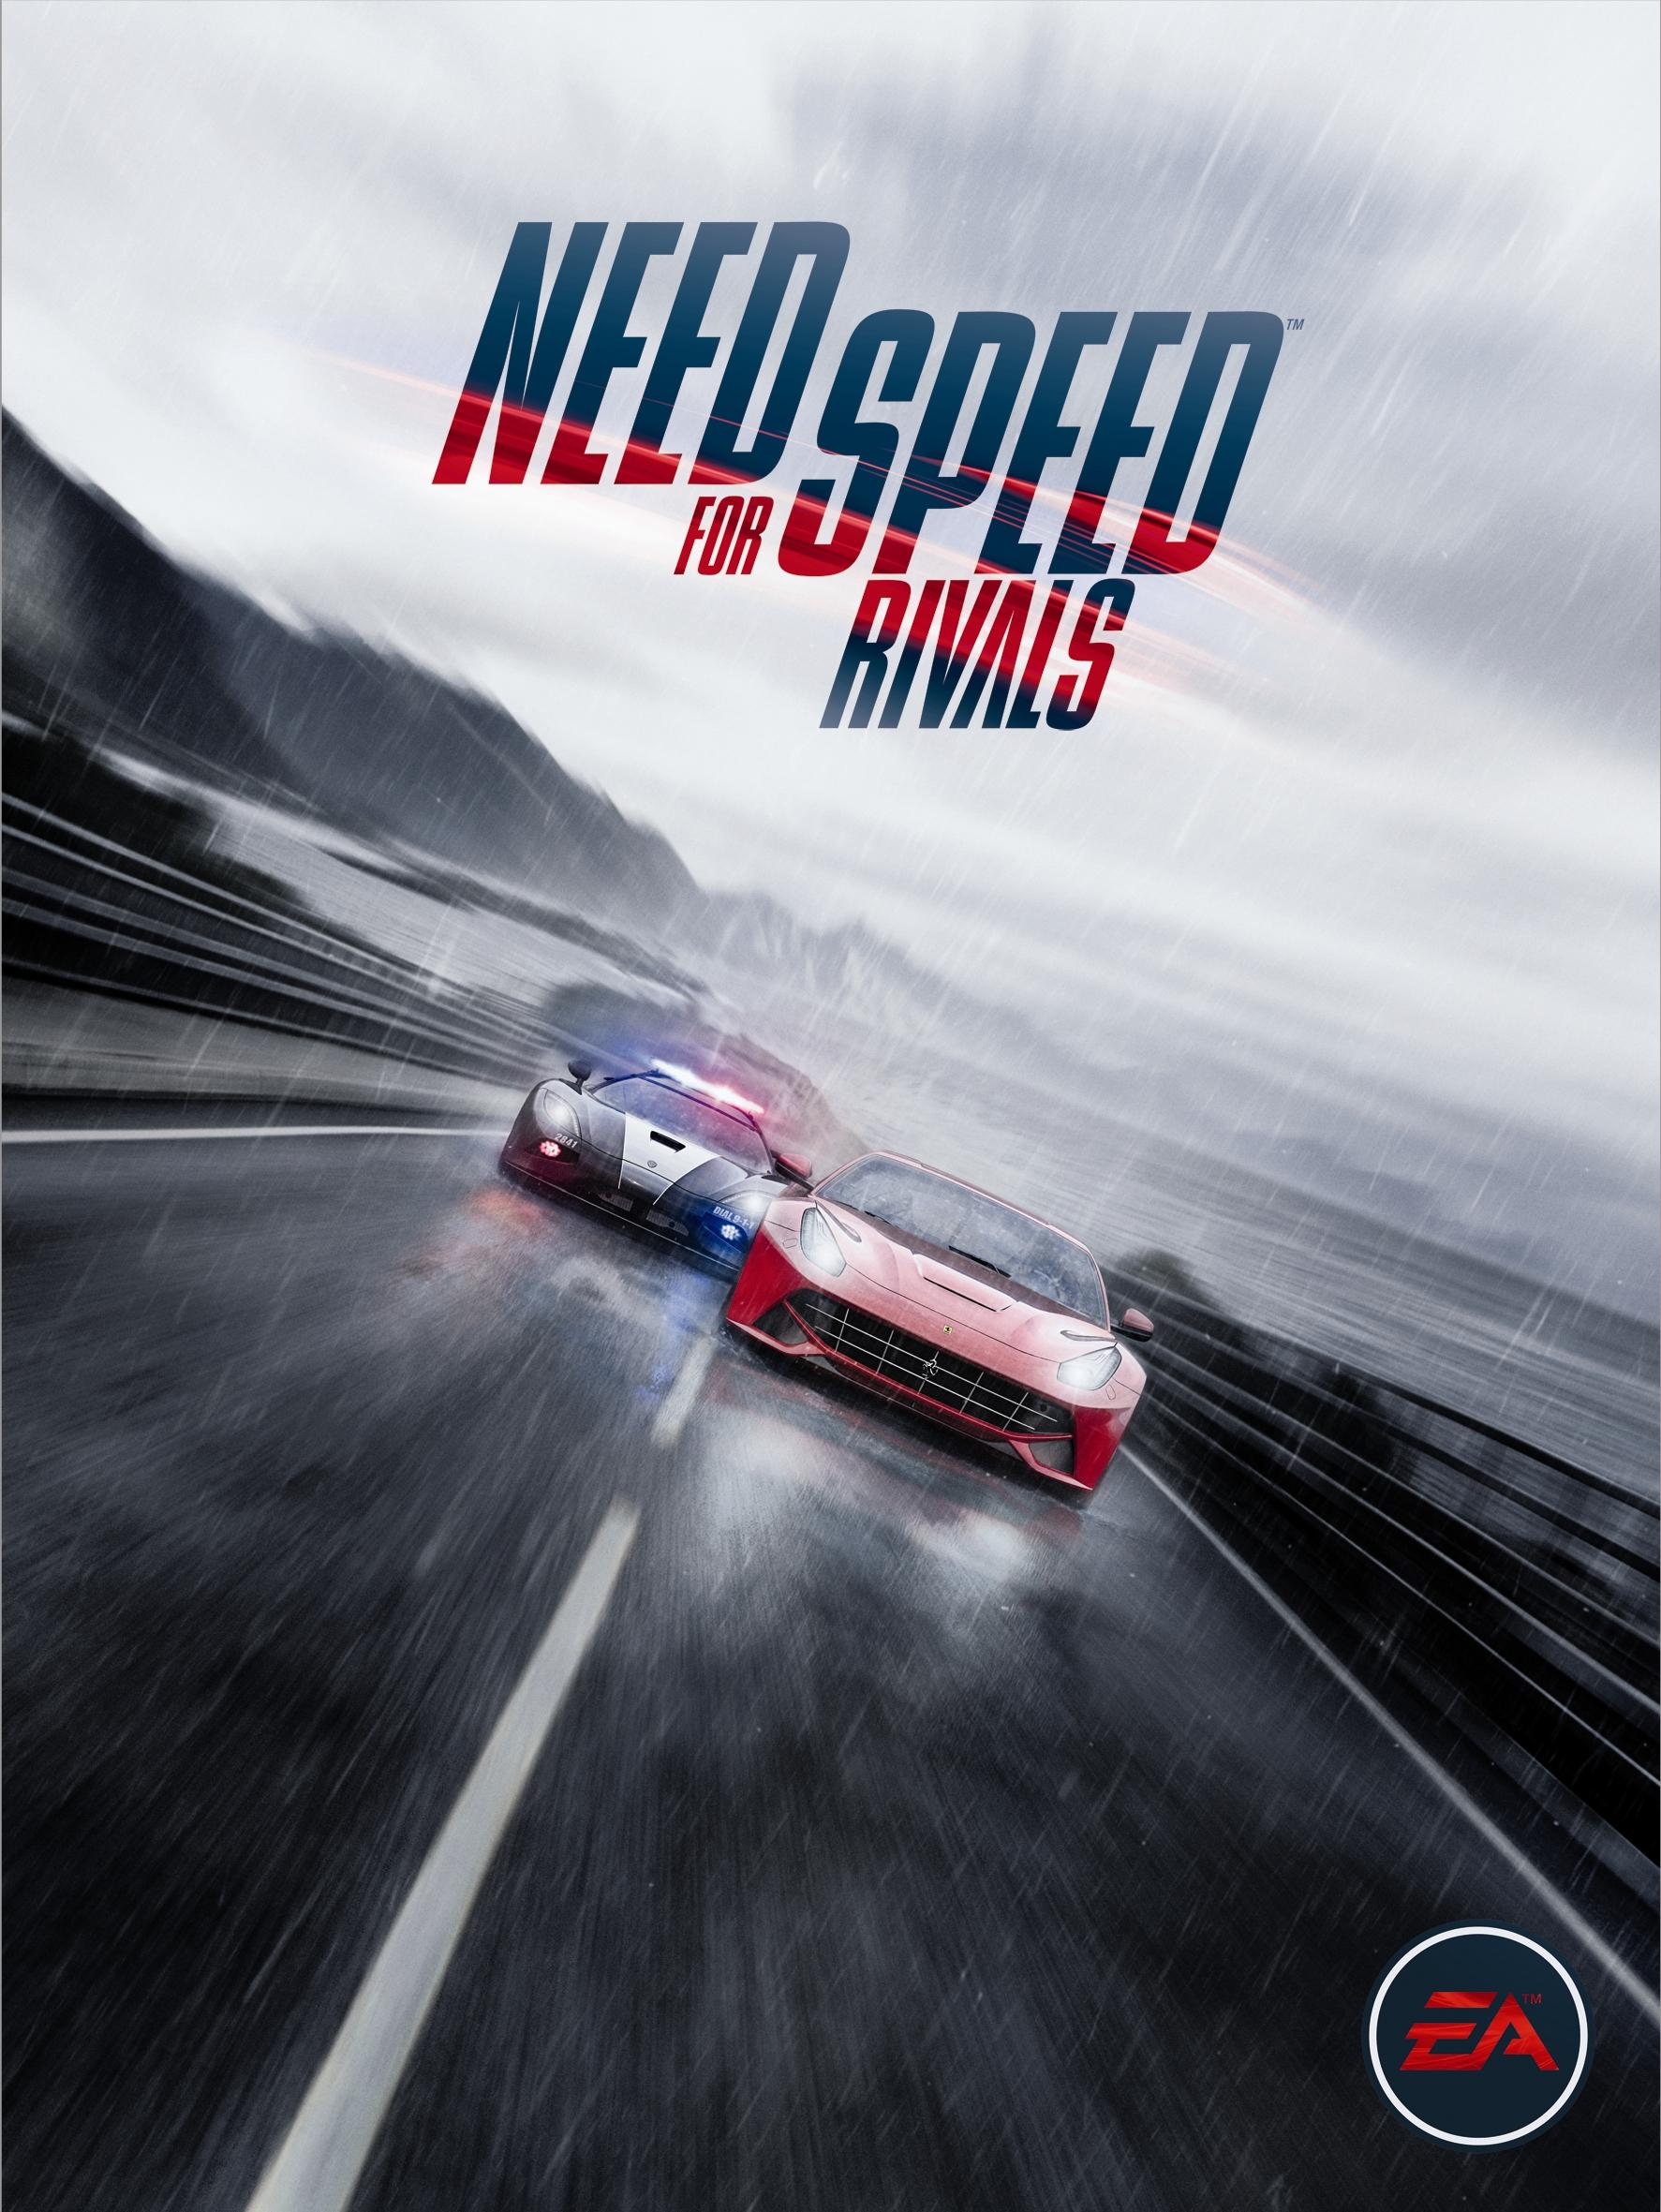 need_for_speed_rivals_key_art_jpg_jpgcopy.jpg